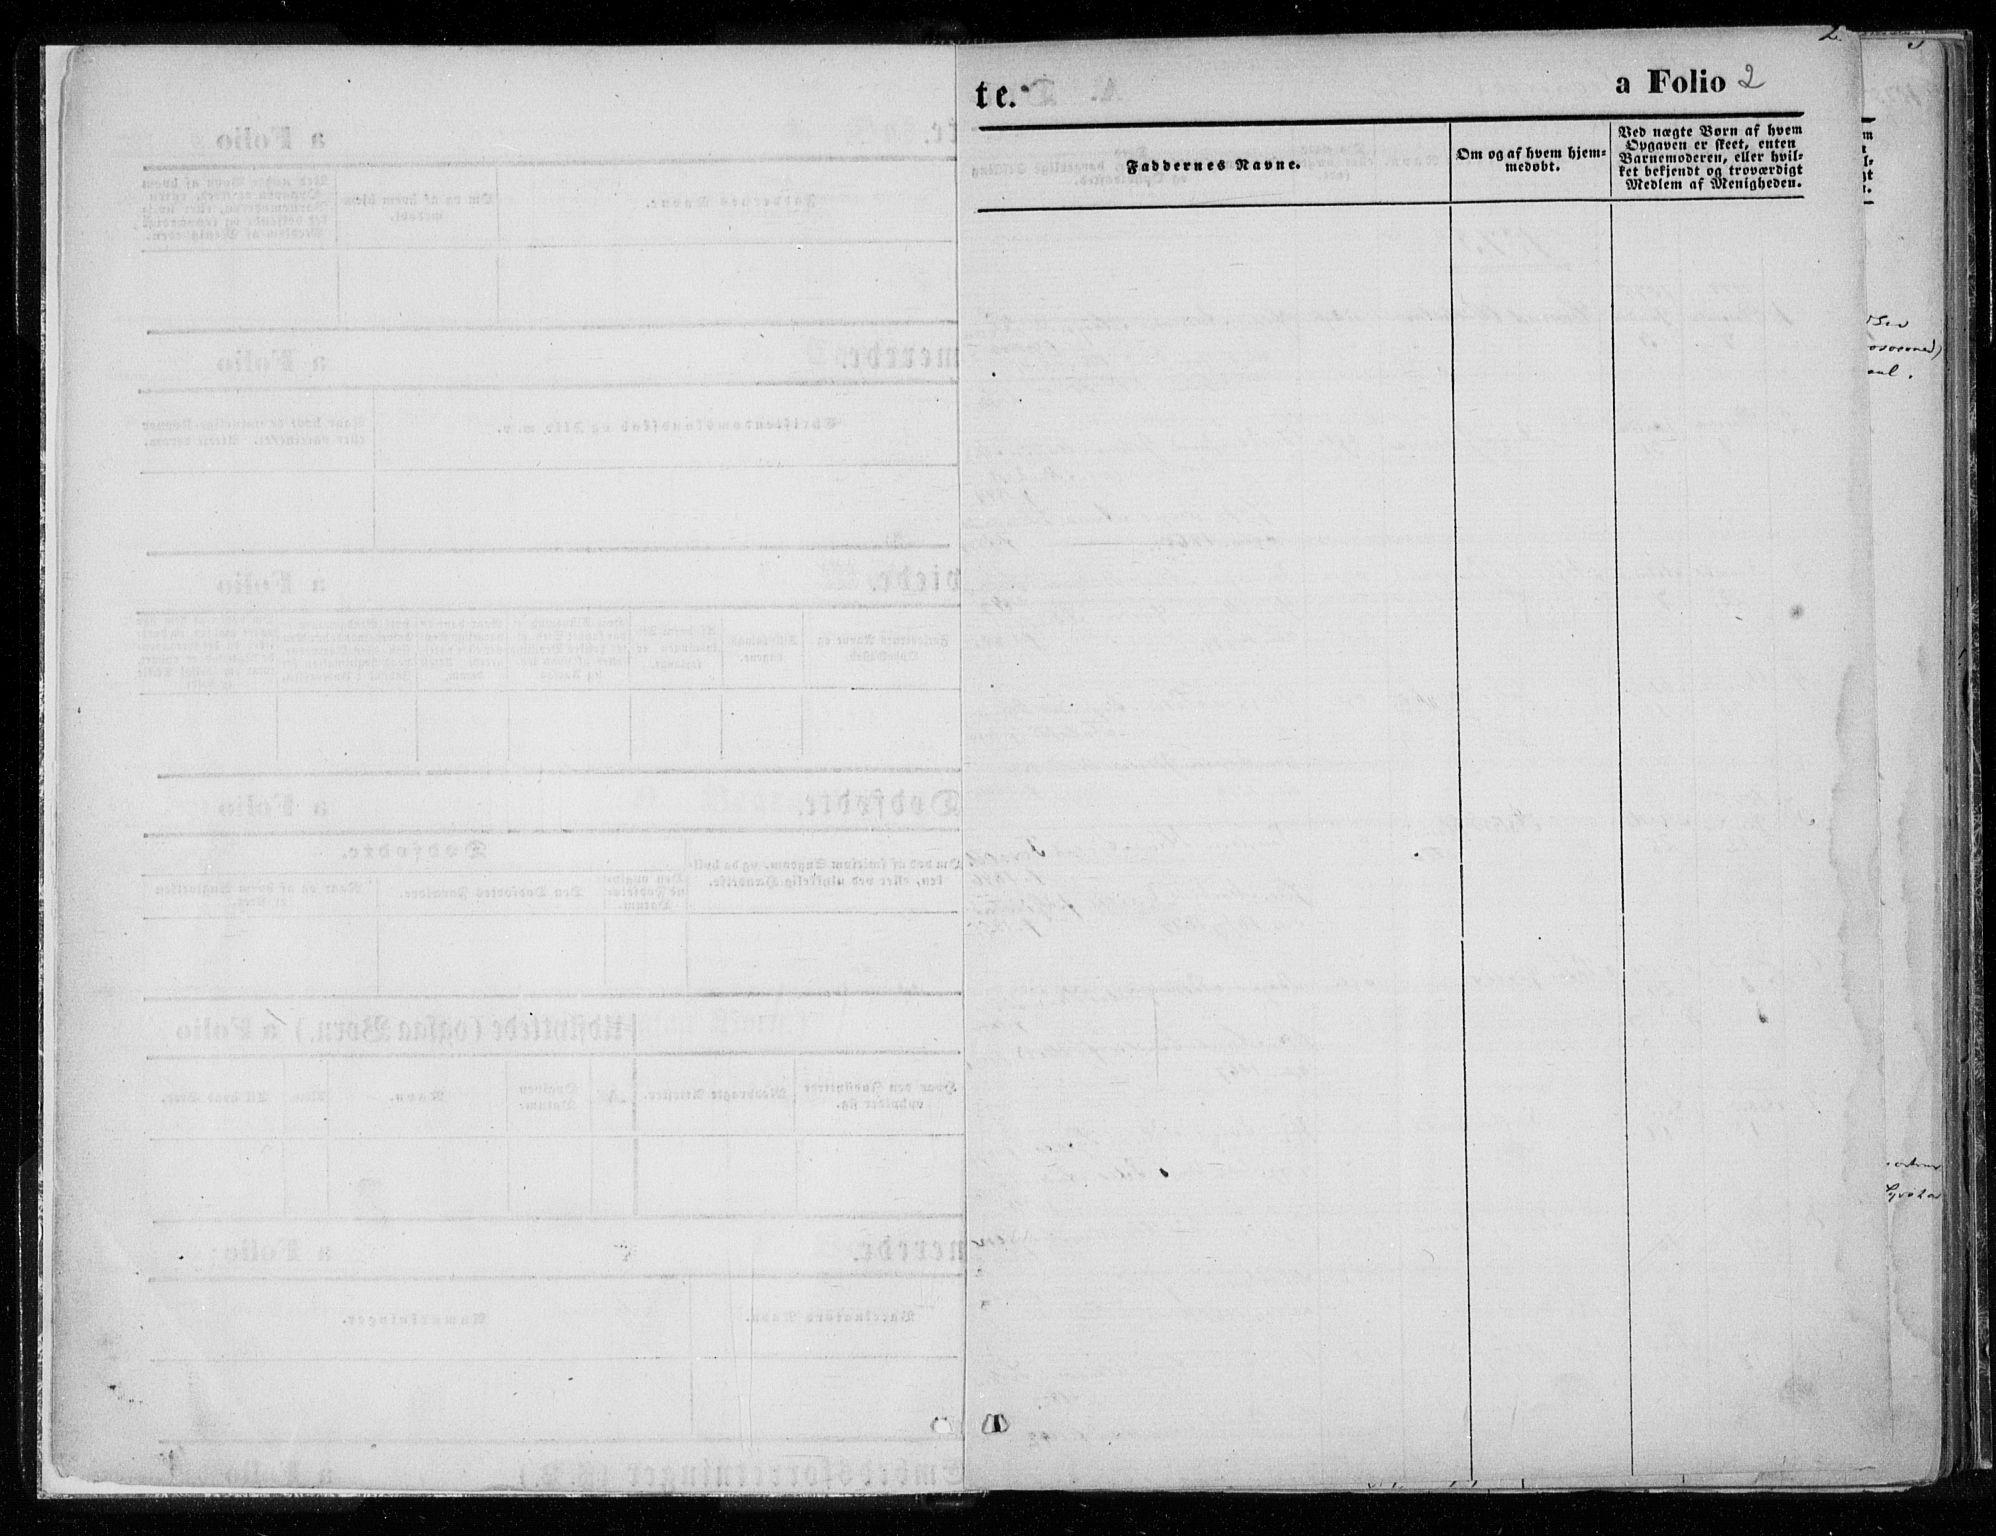 SAT, Ministerialprotokoller, klokkerbøker og fødselsregistre - Nord-Trøndelag, 720/L0187: Ministerialbok nr. 720A04 /1, 1875-1879, s. 2